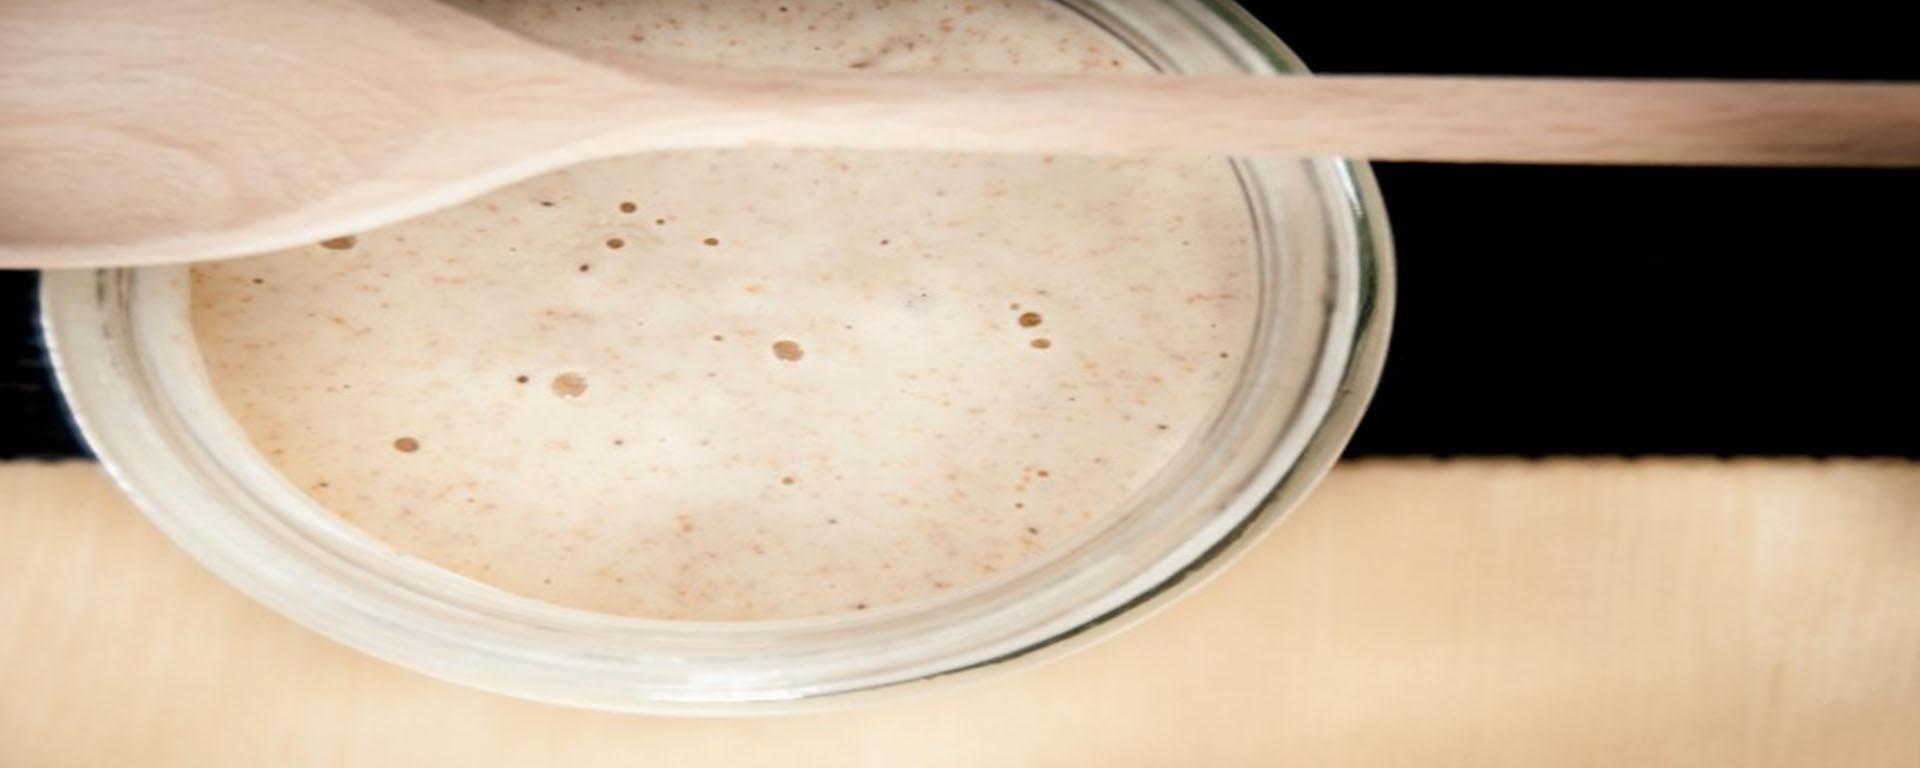 Fermento natural para pão: o que é, por que é importante, como fazer e mais!